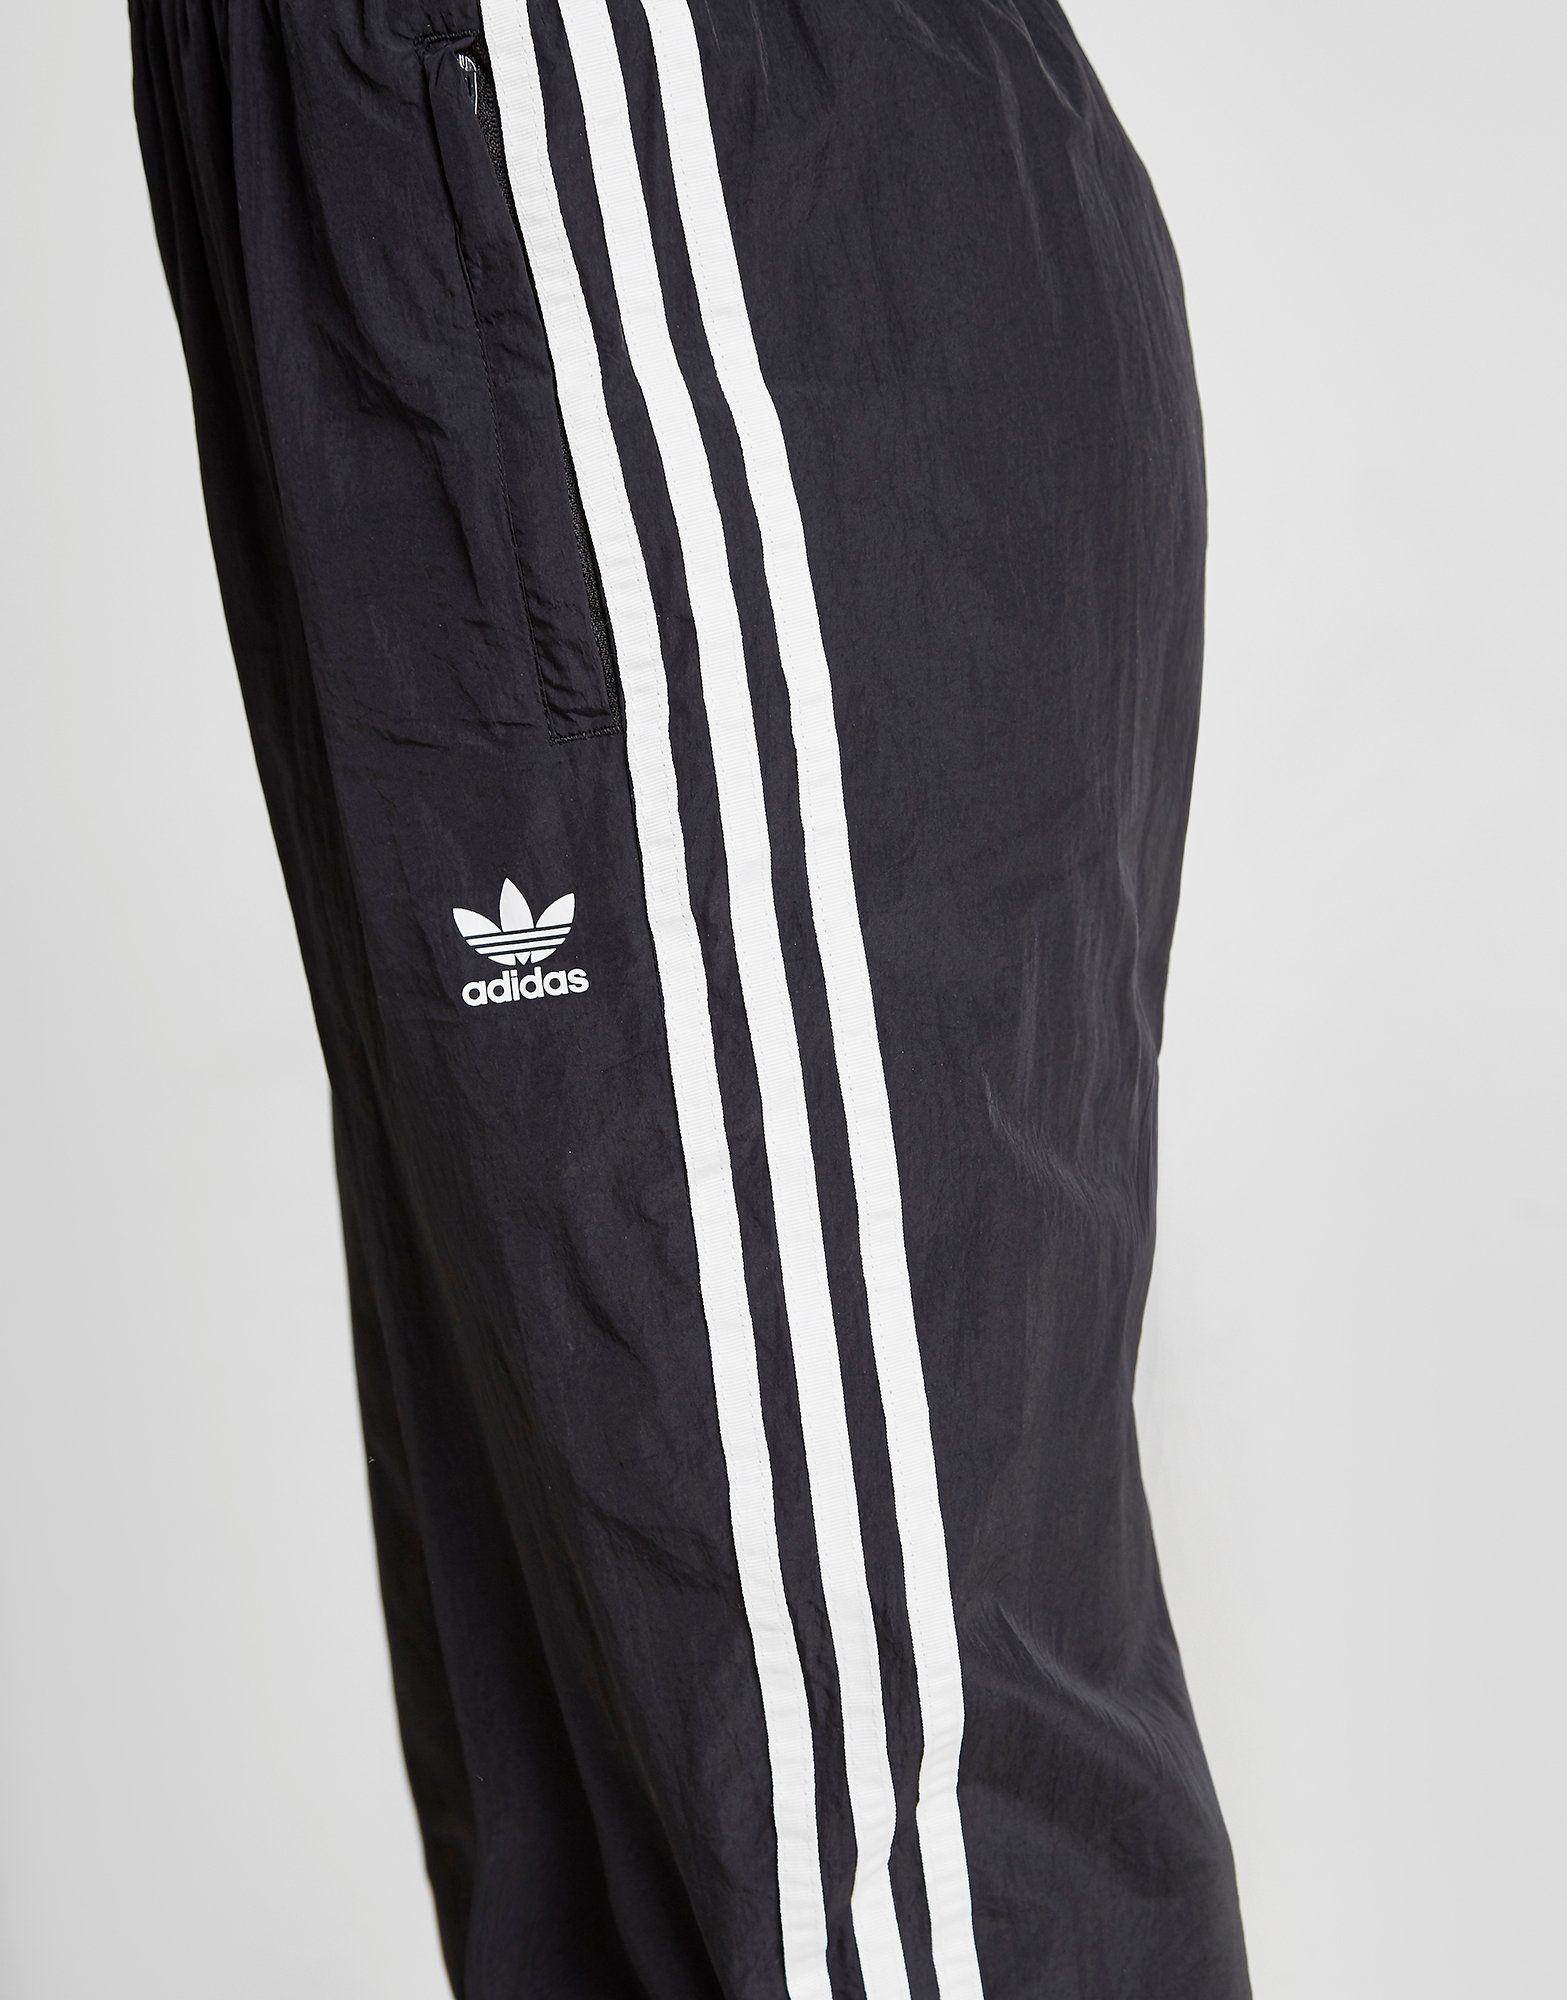 adidas Originals 3-Stripes Woven Trainingshose Damen